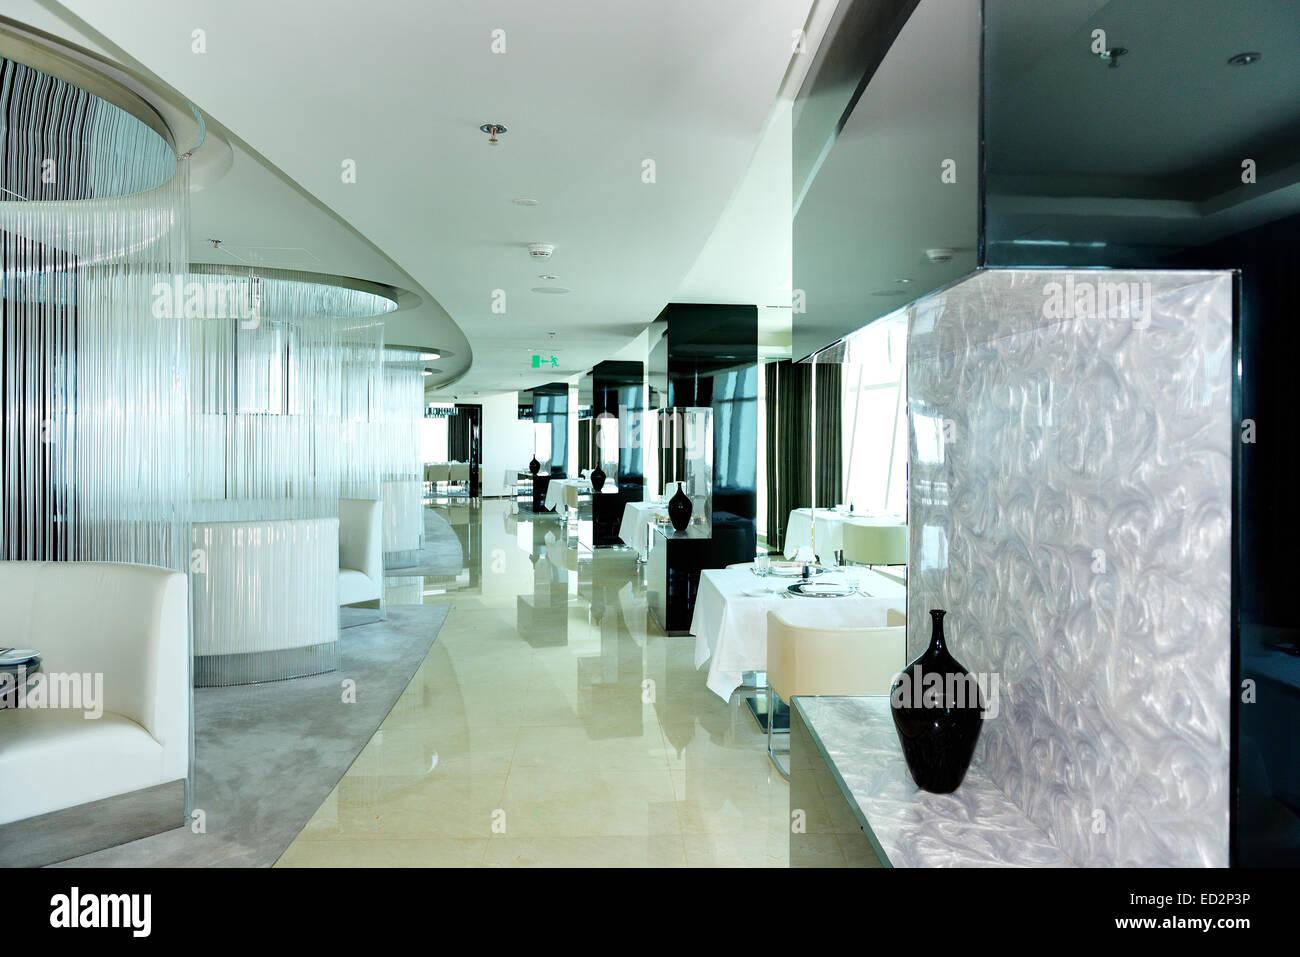 Hotel Di Lusso Interni : Gli interni del ristorante di lusso moderno hotel dubai uae foto